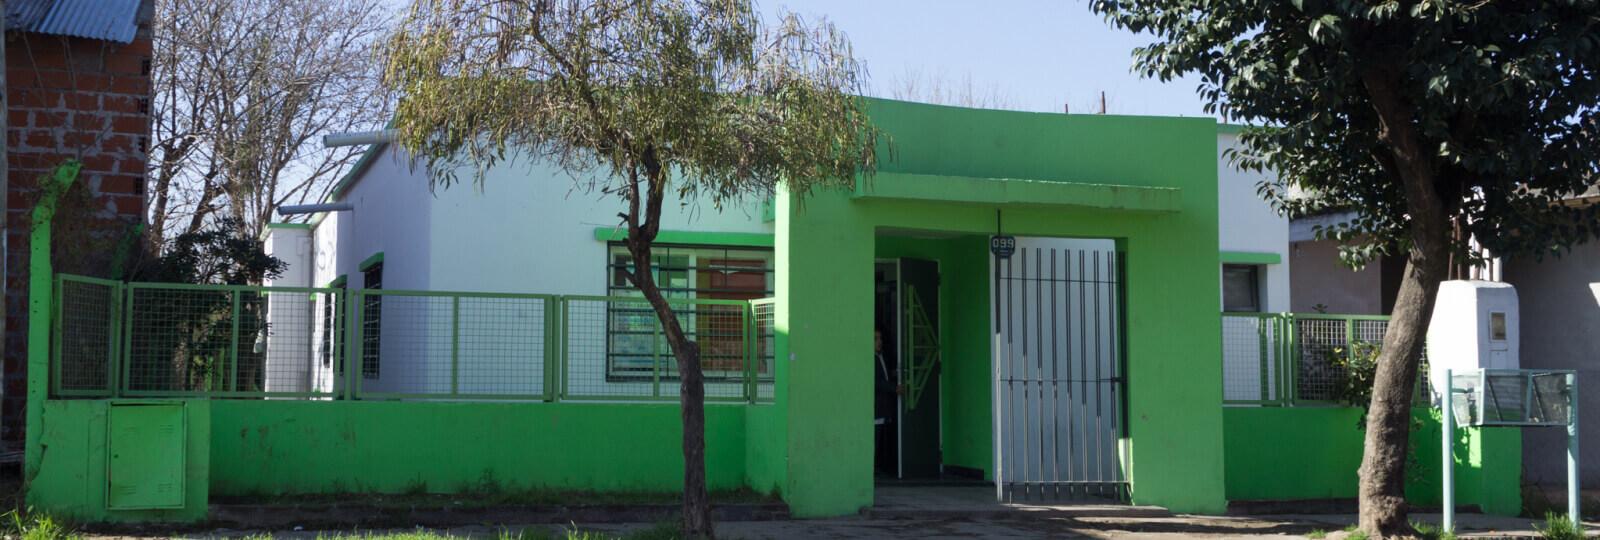 Salud - Municipio de Hurlingham - Municipalidad - Centro de salud Eva Perón nueva